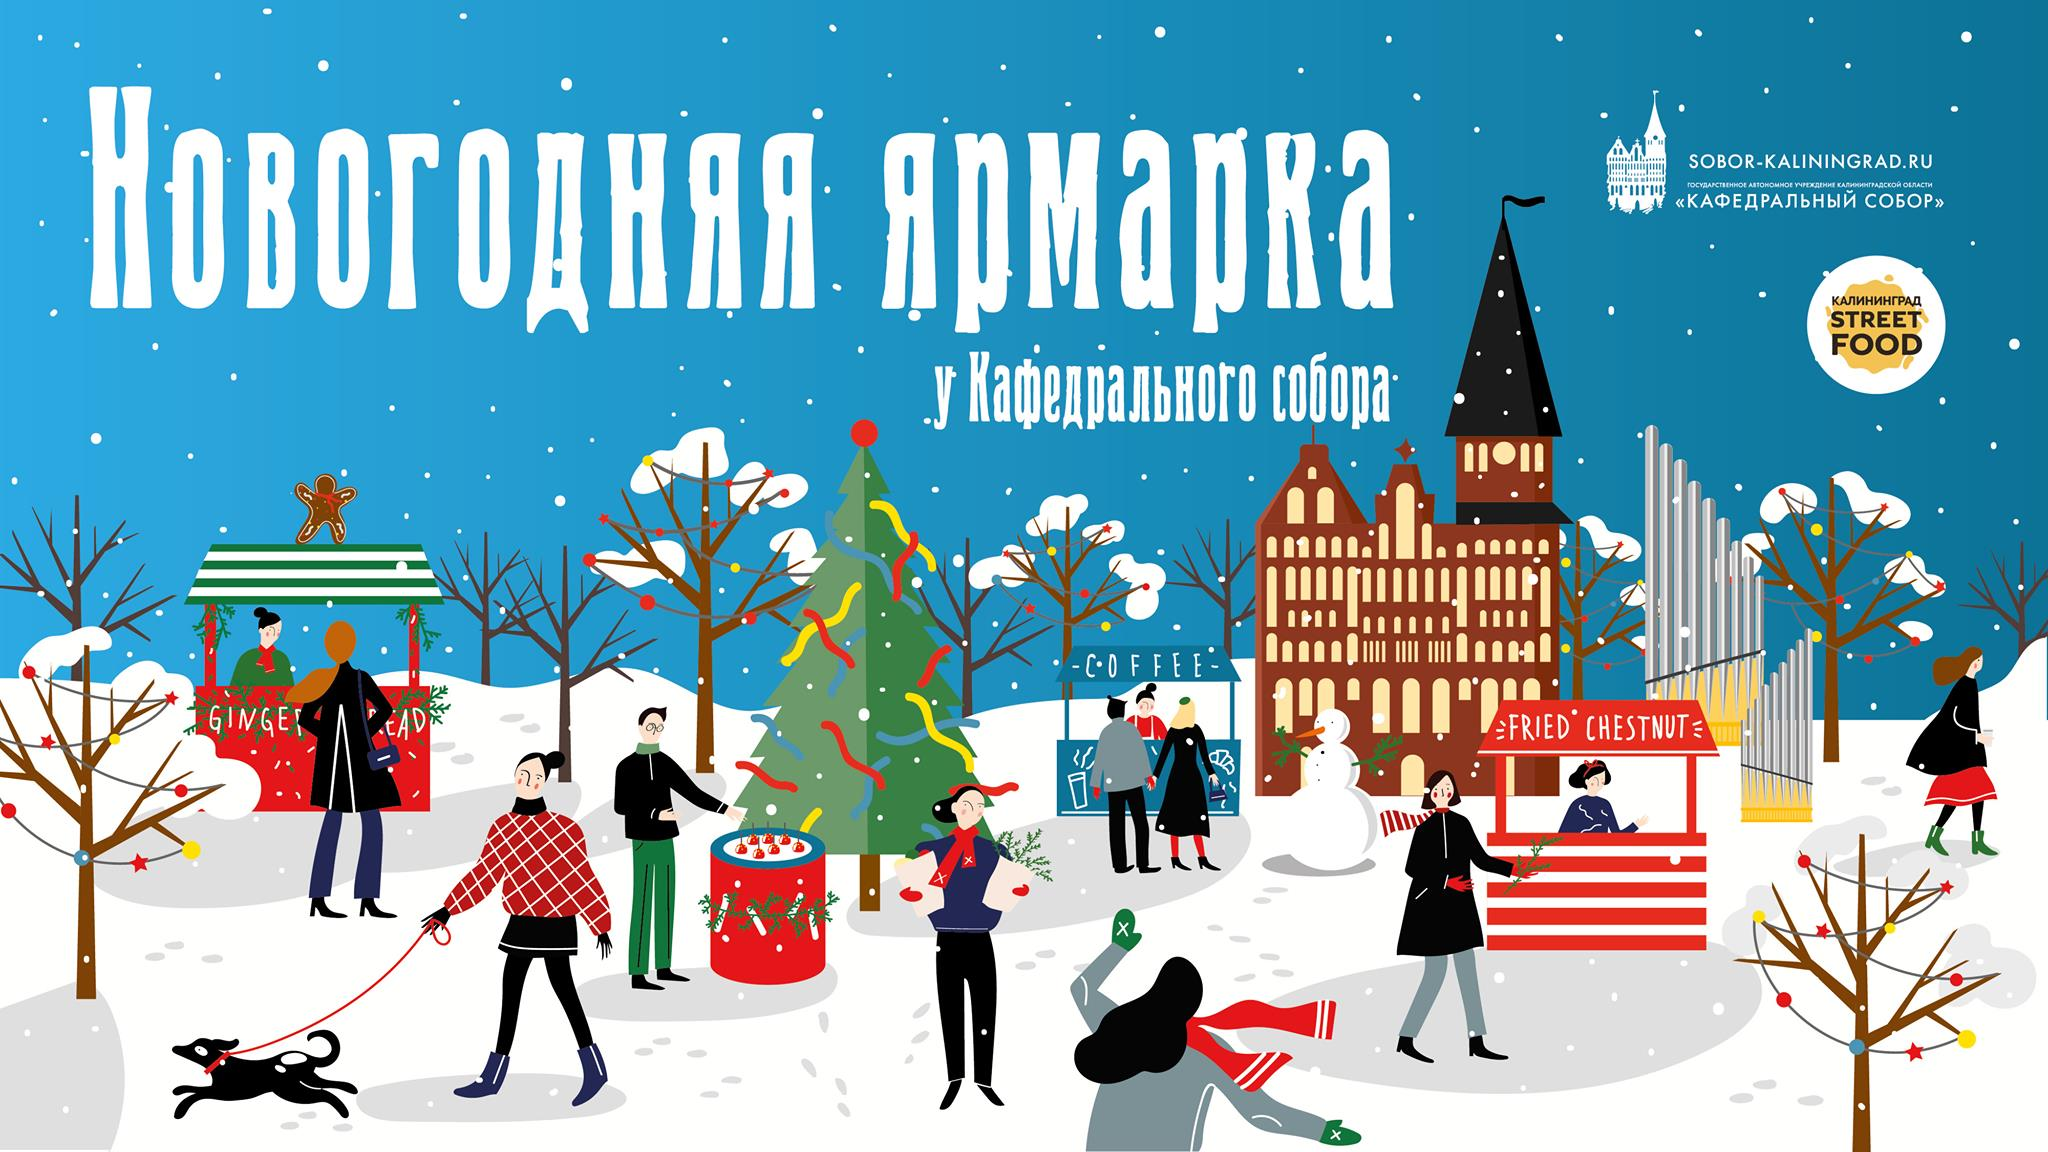 Новогодняя ярмарка Kaliningrad Street Food у Кафедрального собора с 21 декабря по 8 января 2020 года